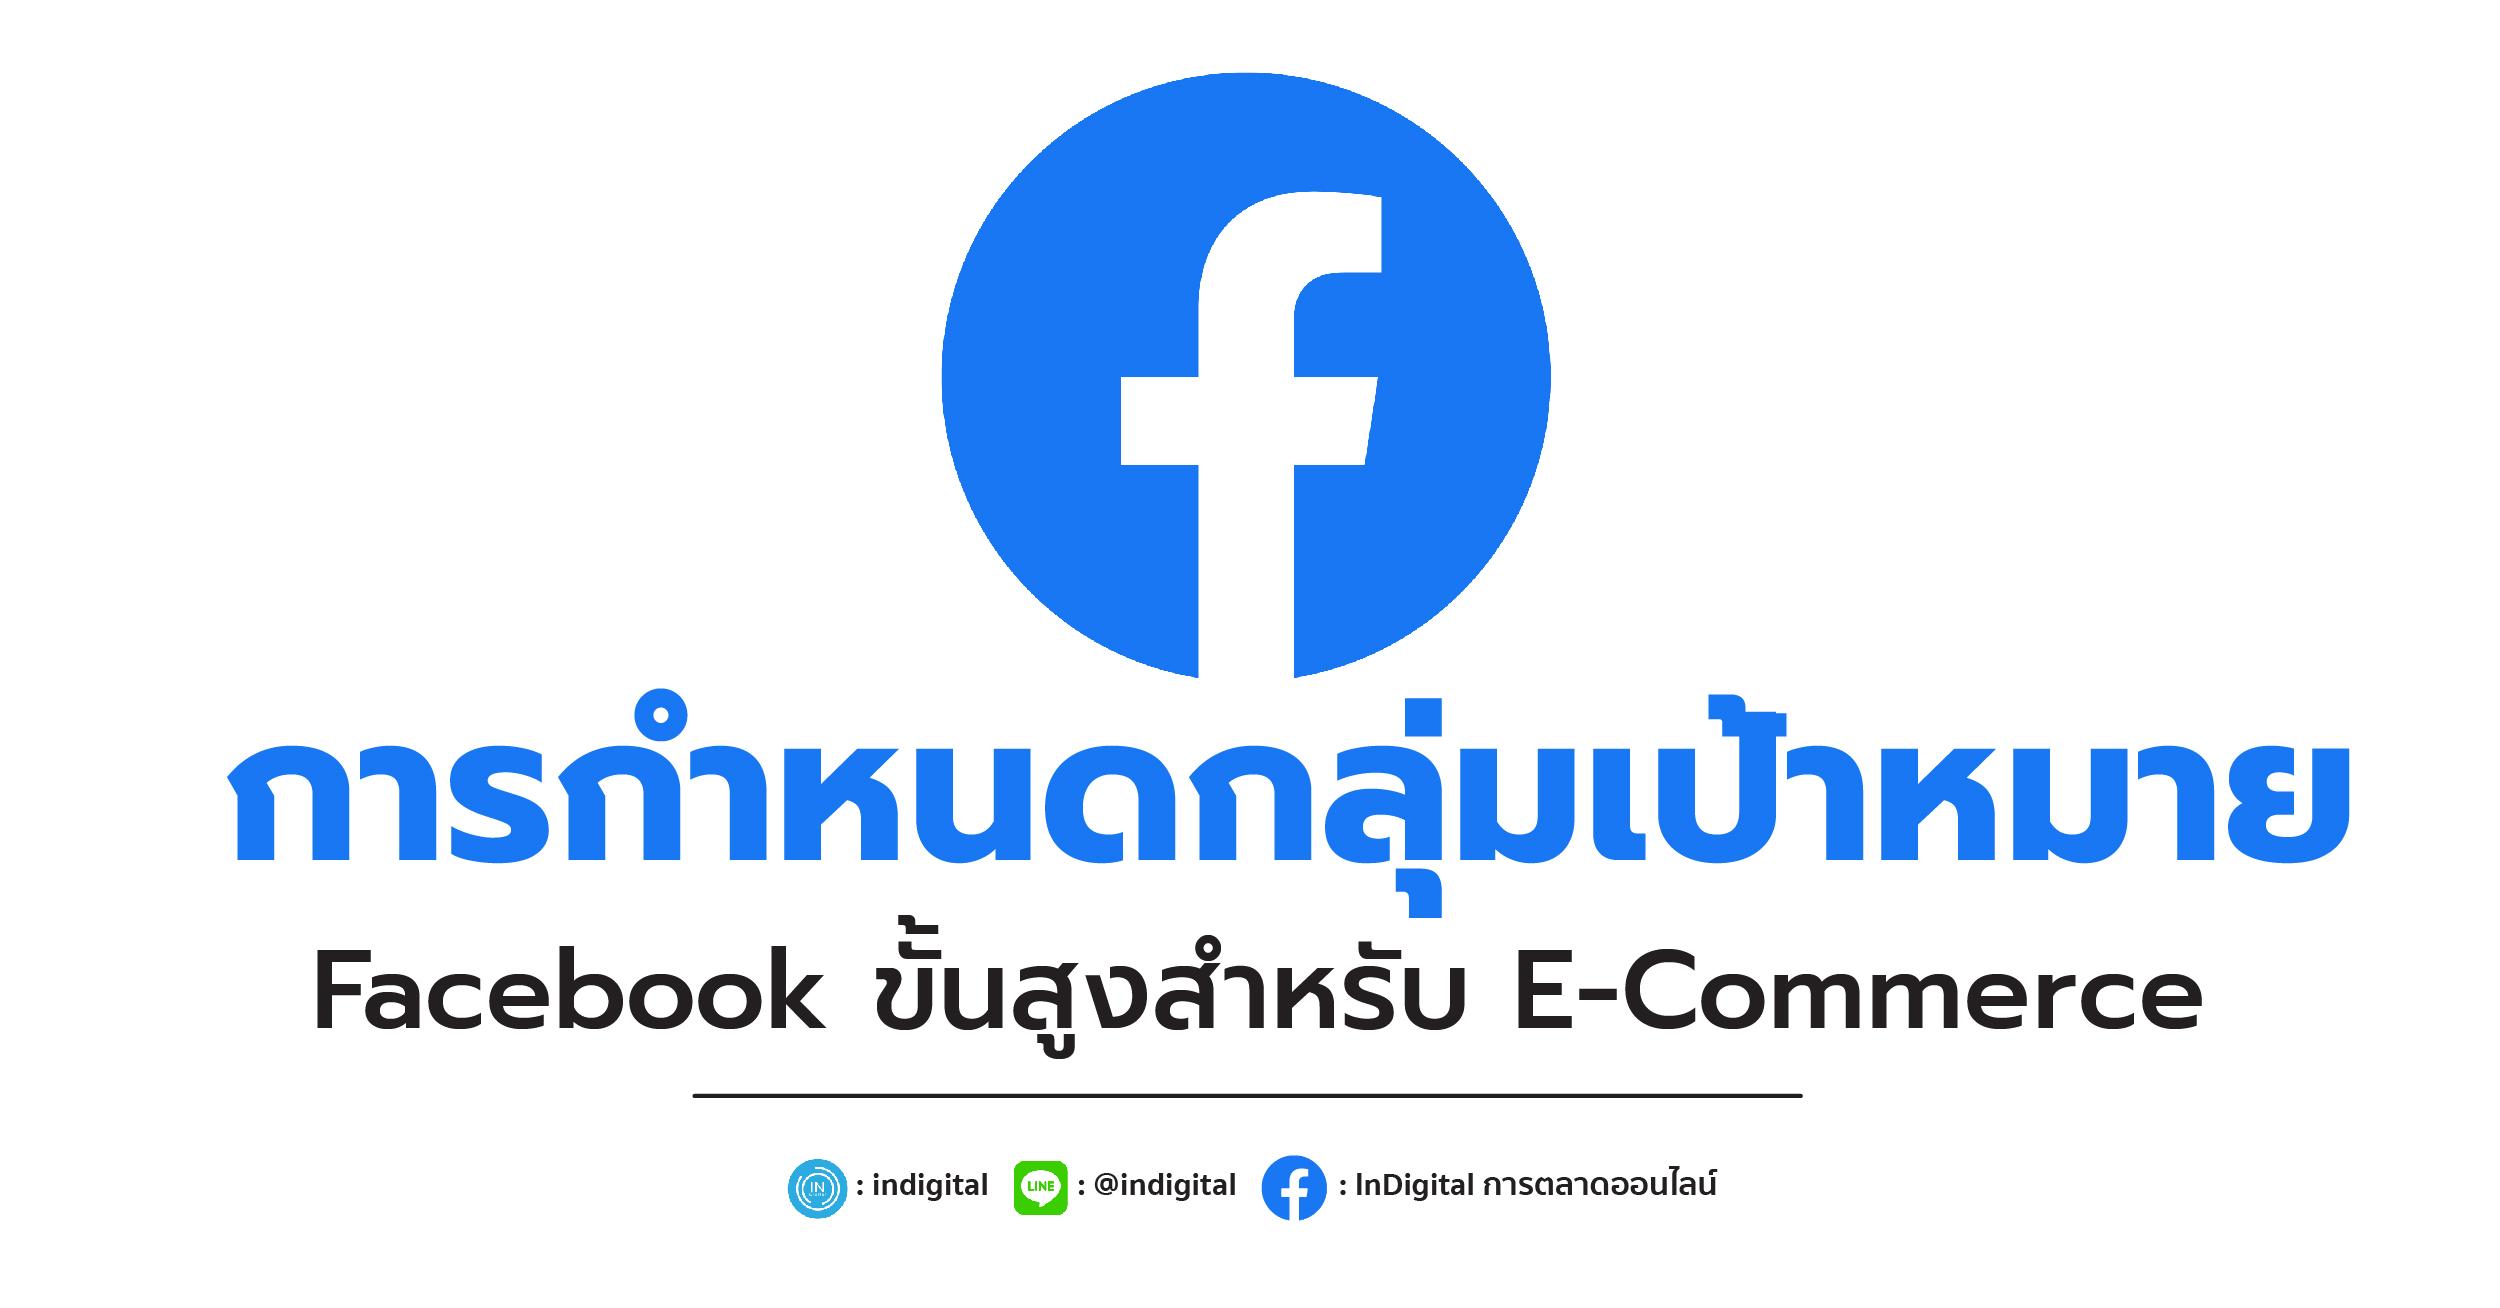 การกำหนดกลุ่มเป้าหมาย Facebook ขั้นสูงสำหรับ E-Commerce